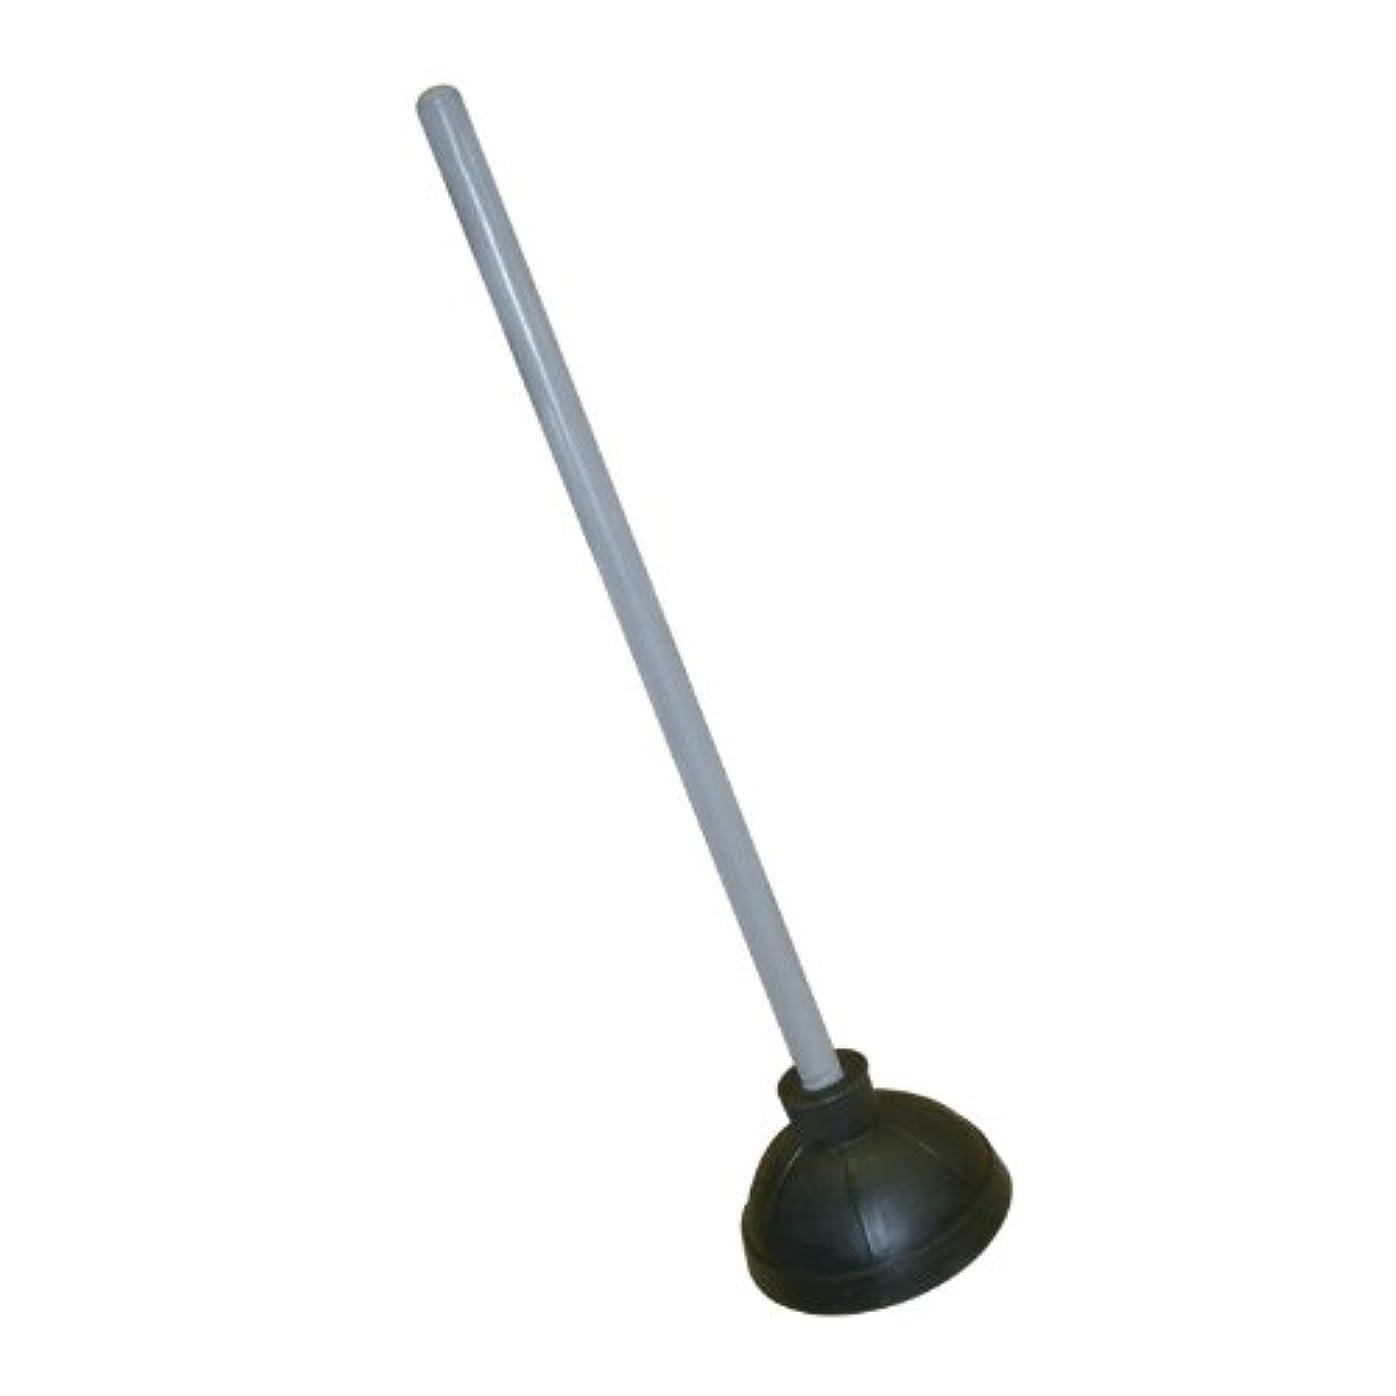 プロポーショナルアルバム練習Excellante Plastic Plunger with 21-Inch Long Wooden Handle, Black by Excellant